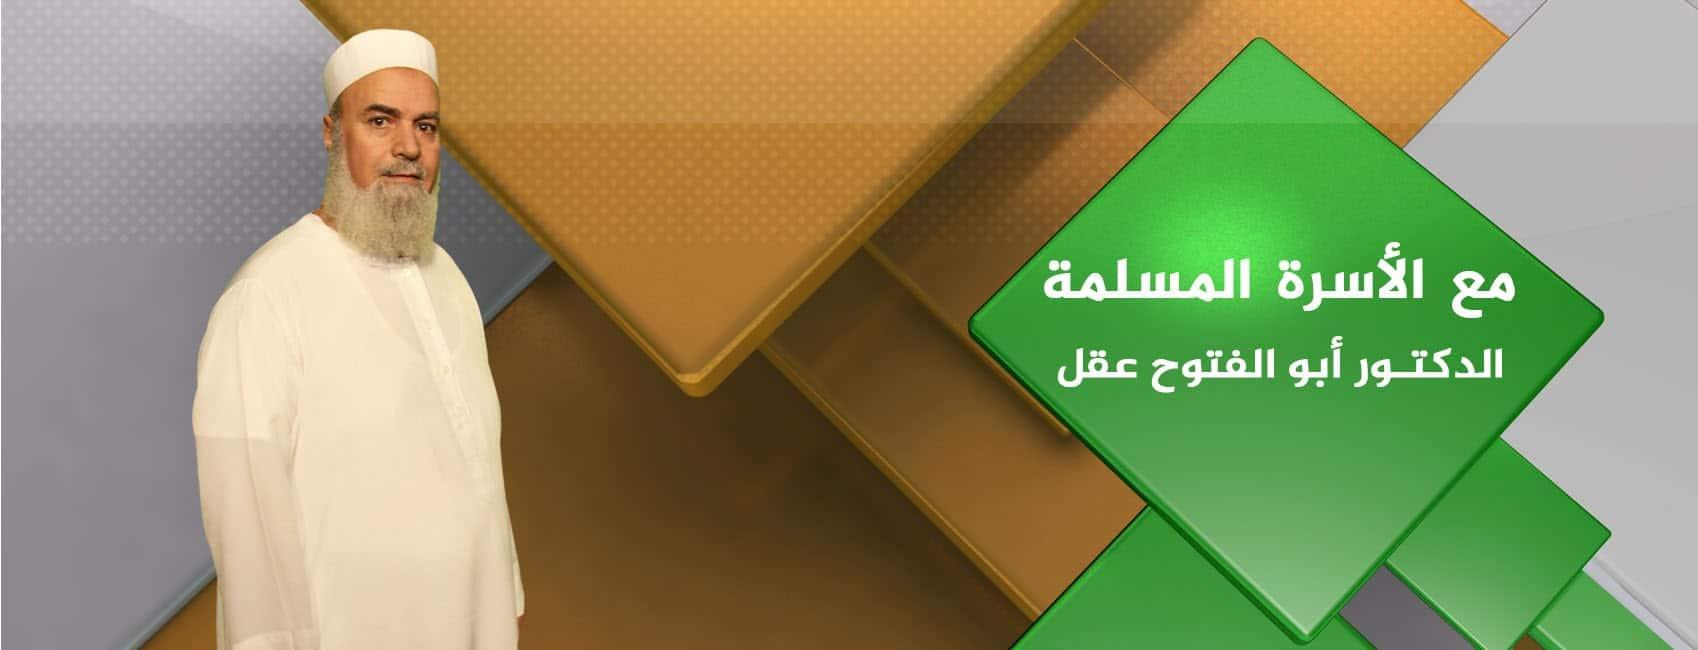 مع الاسرة المسلمة الدكتور أبو الفتوح عقل